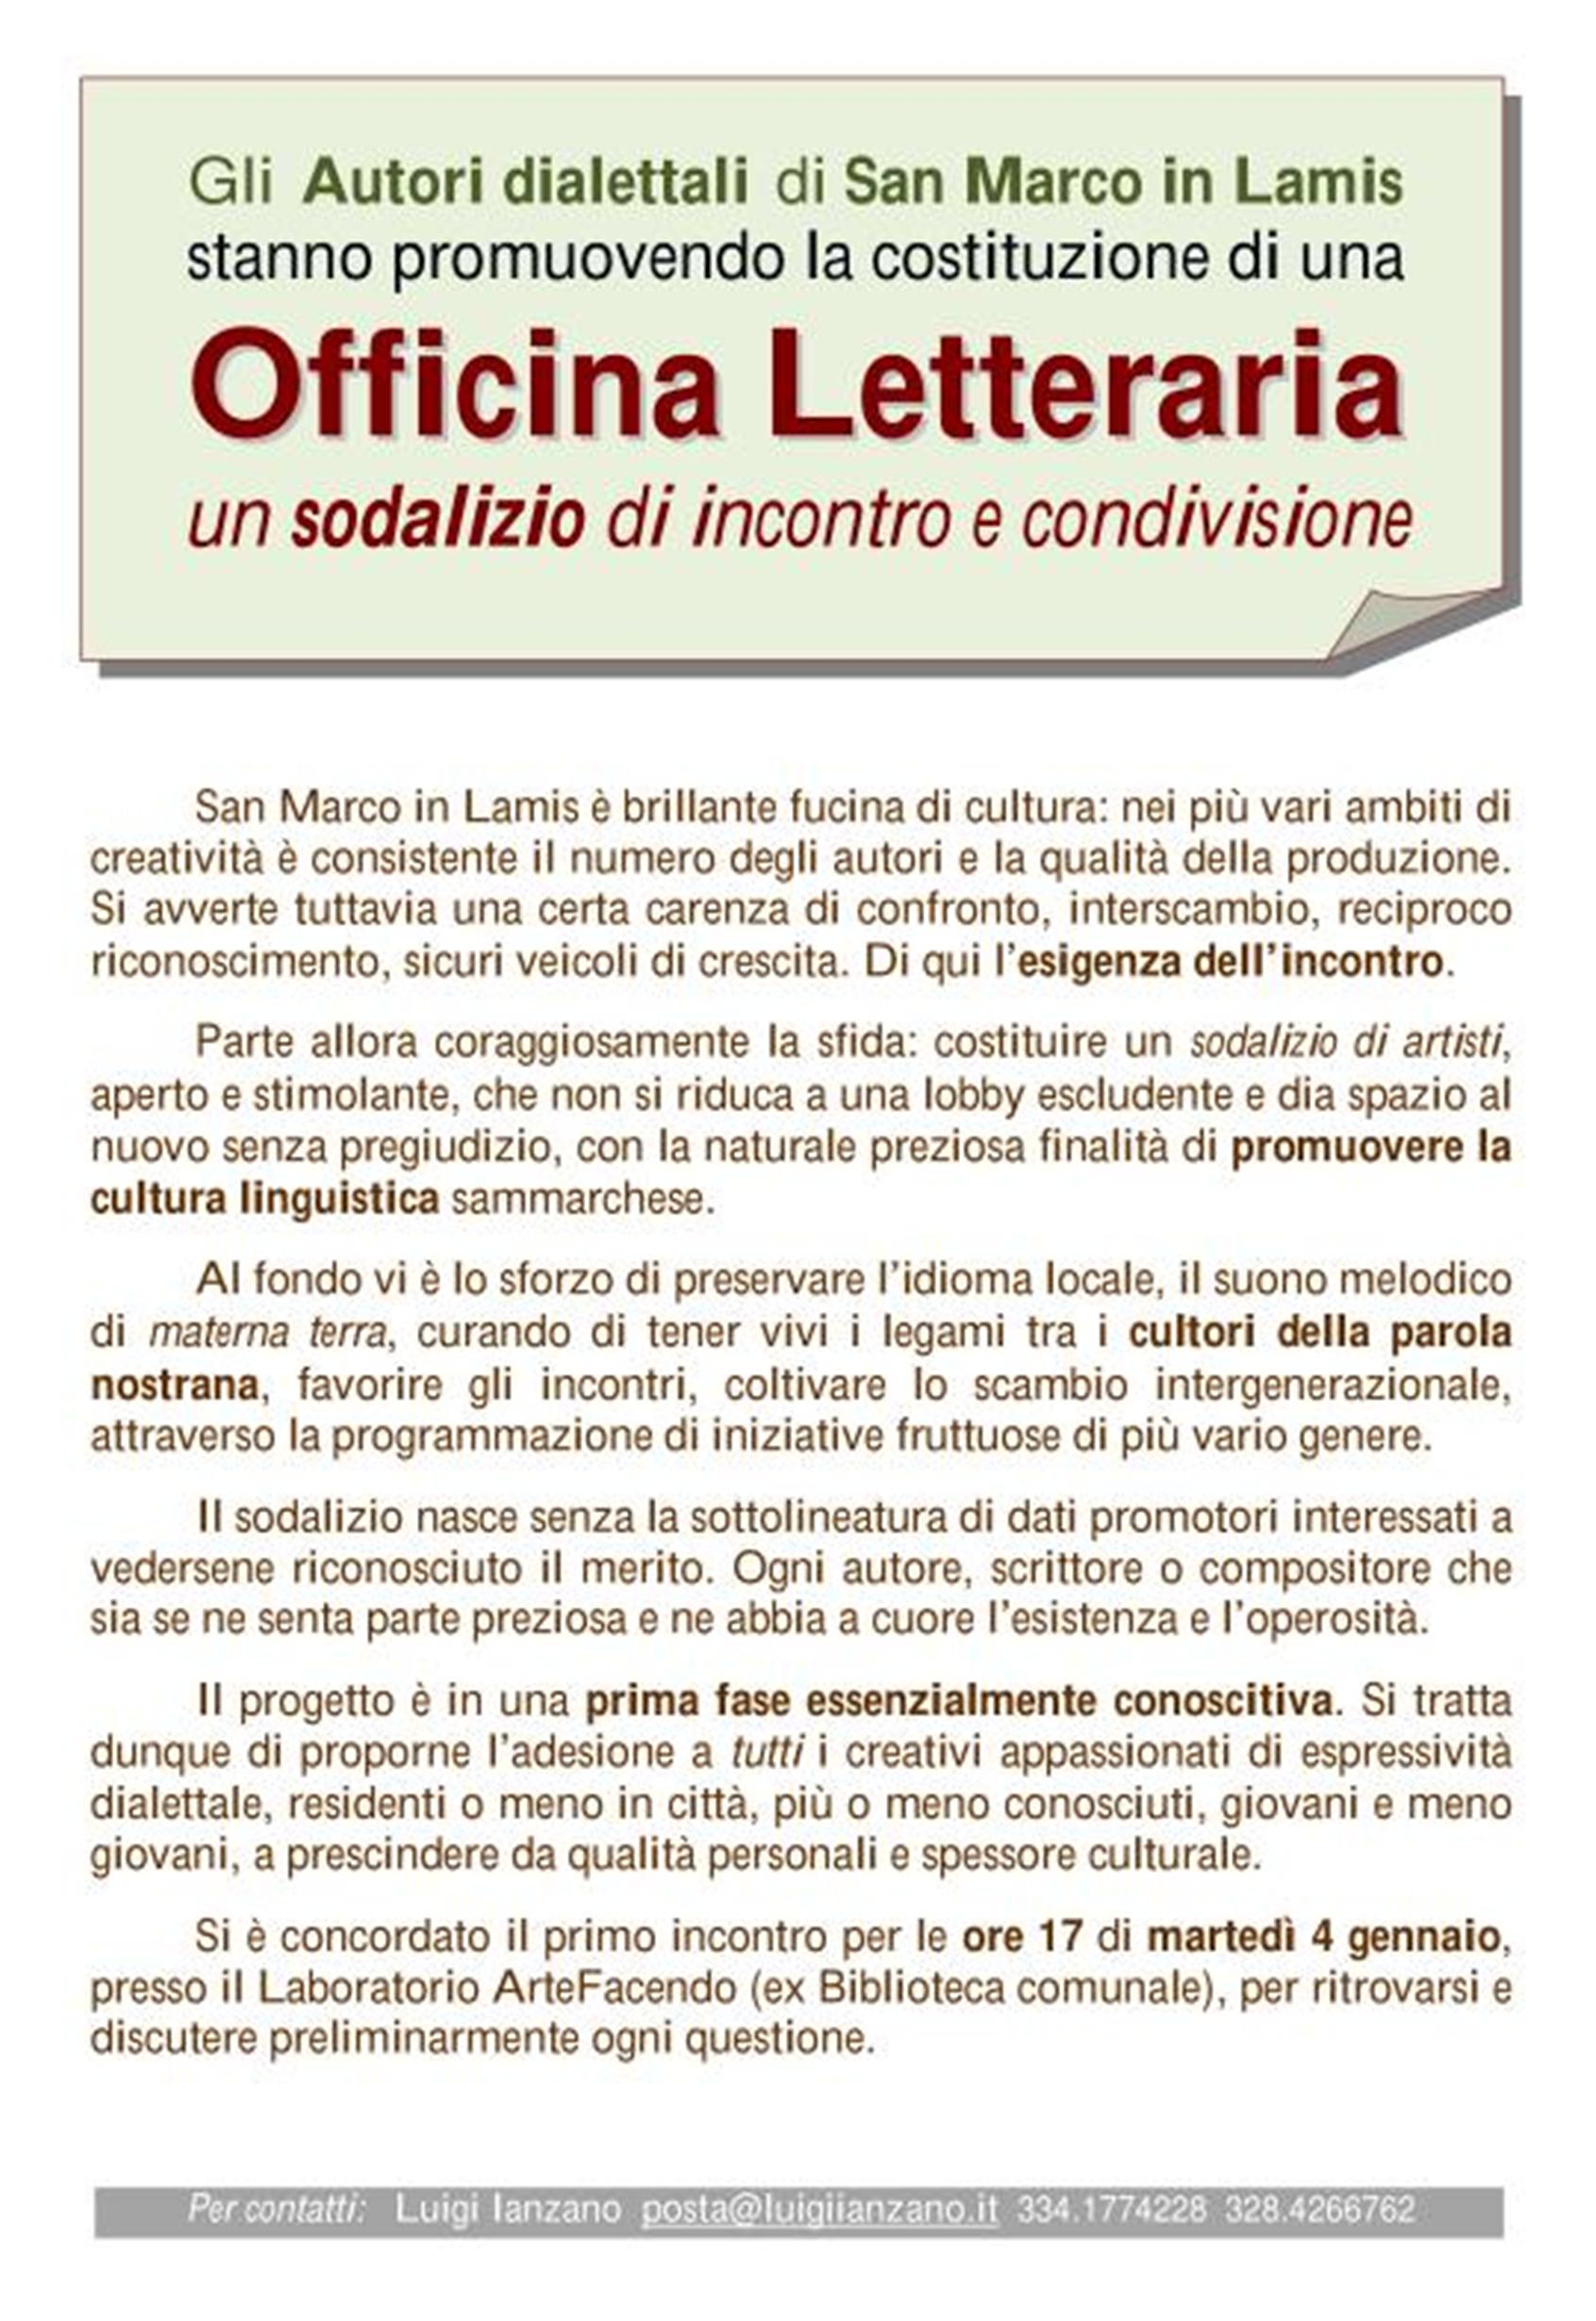 manifesto_promozionale_laputeca